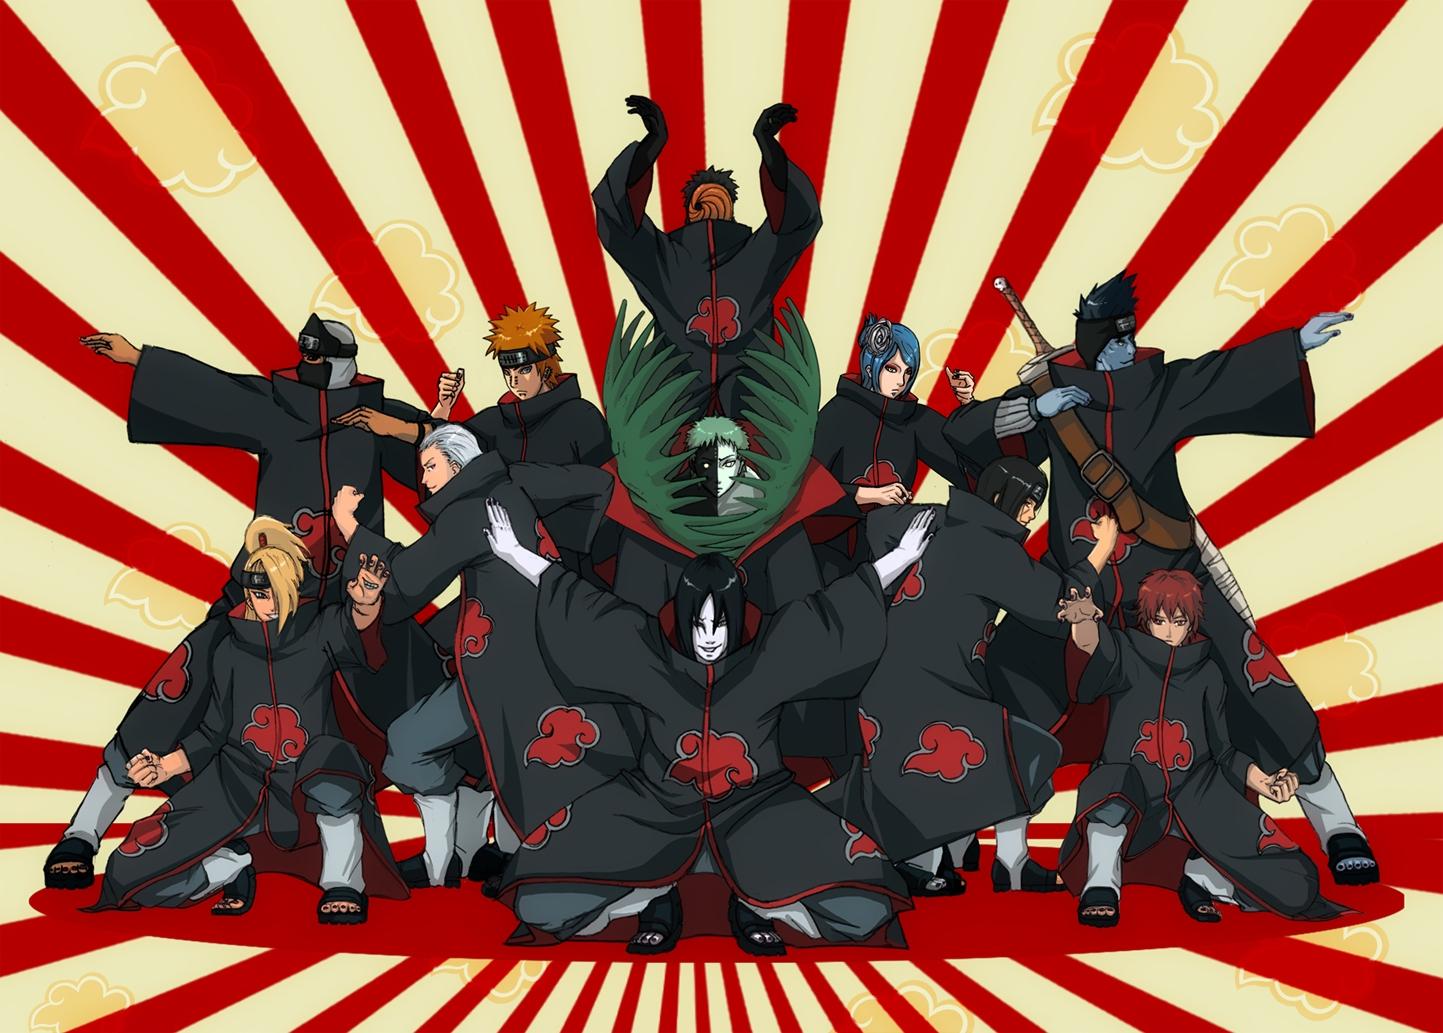 http://1.bp.blogspot.com/-d8JjokS99jk/Tg5OY9pMSqI/AAAAAAAAACM/FzrM3wHAJMc/s1600/naruto-wallpapers-akatsuki-fight-big.jpg